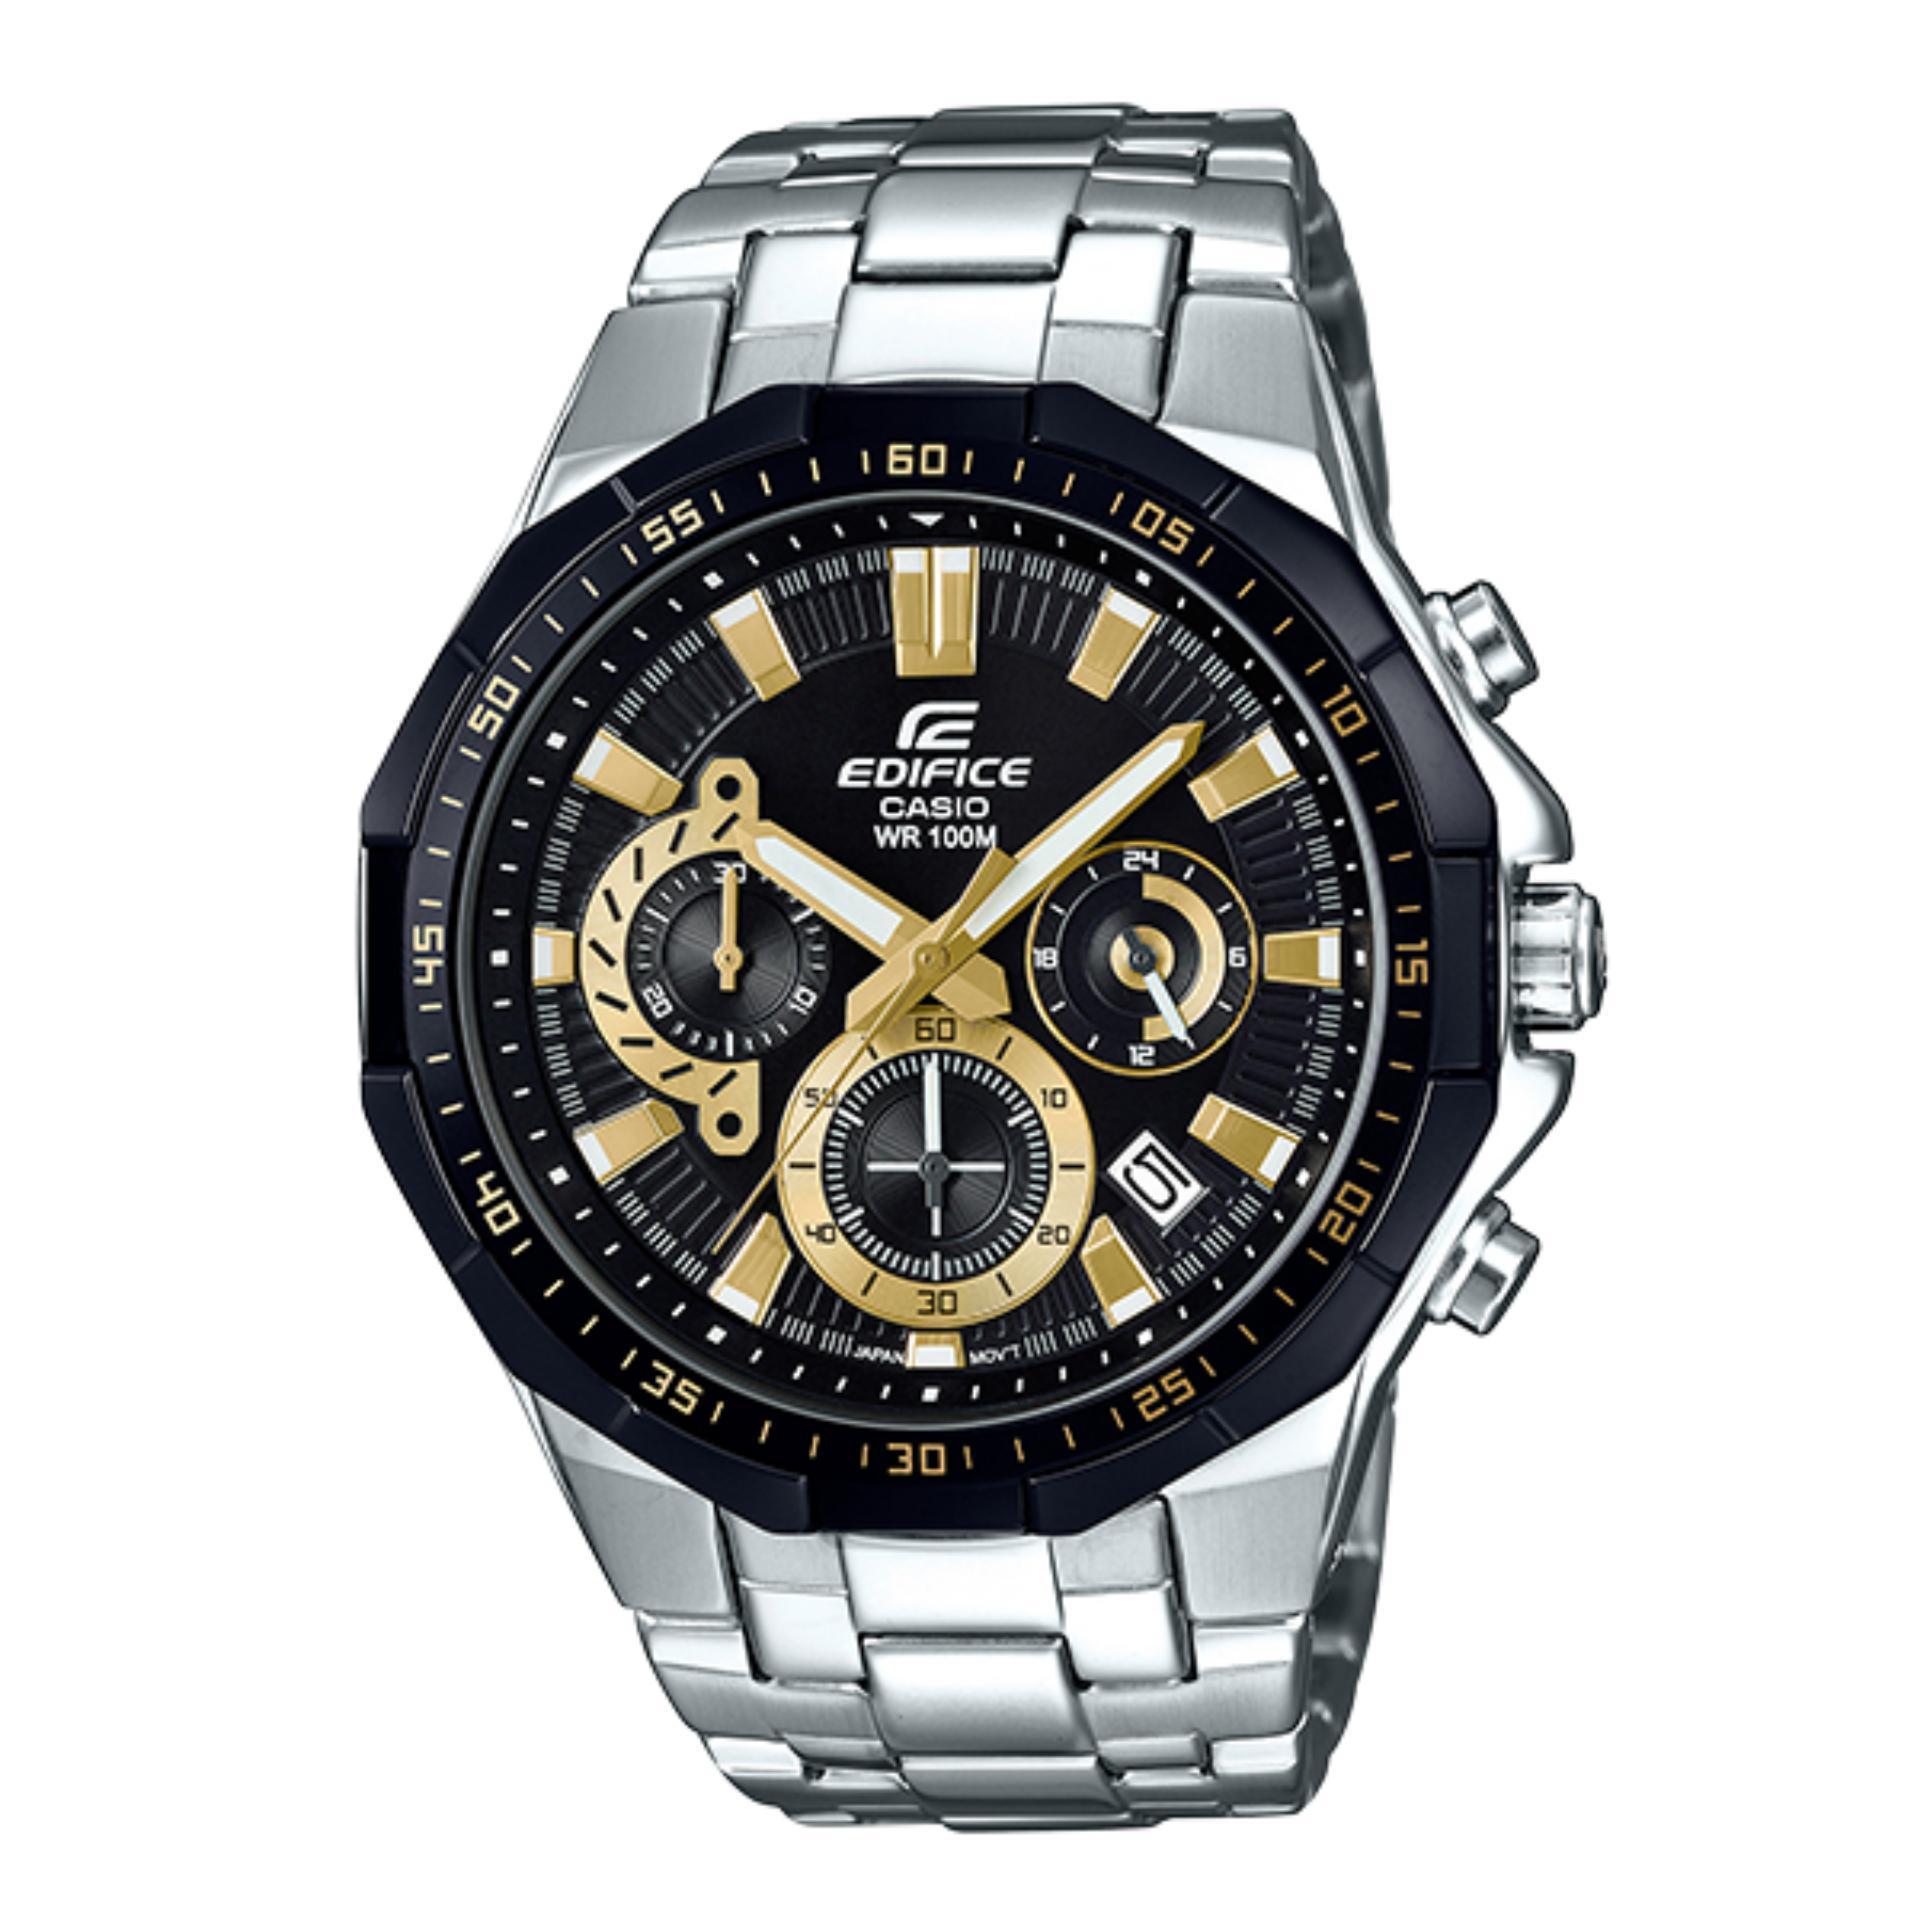 df554055150f Casio Edifice Philippines  Casio Edifice price list - Watches for ...